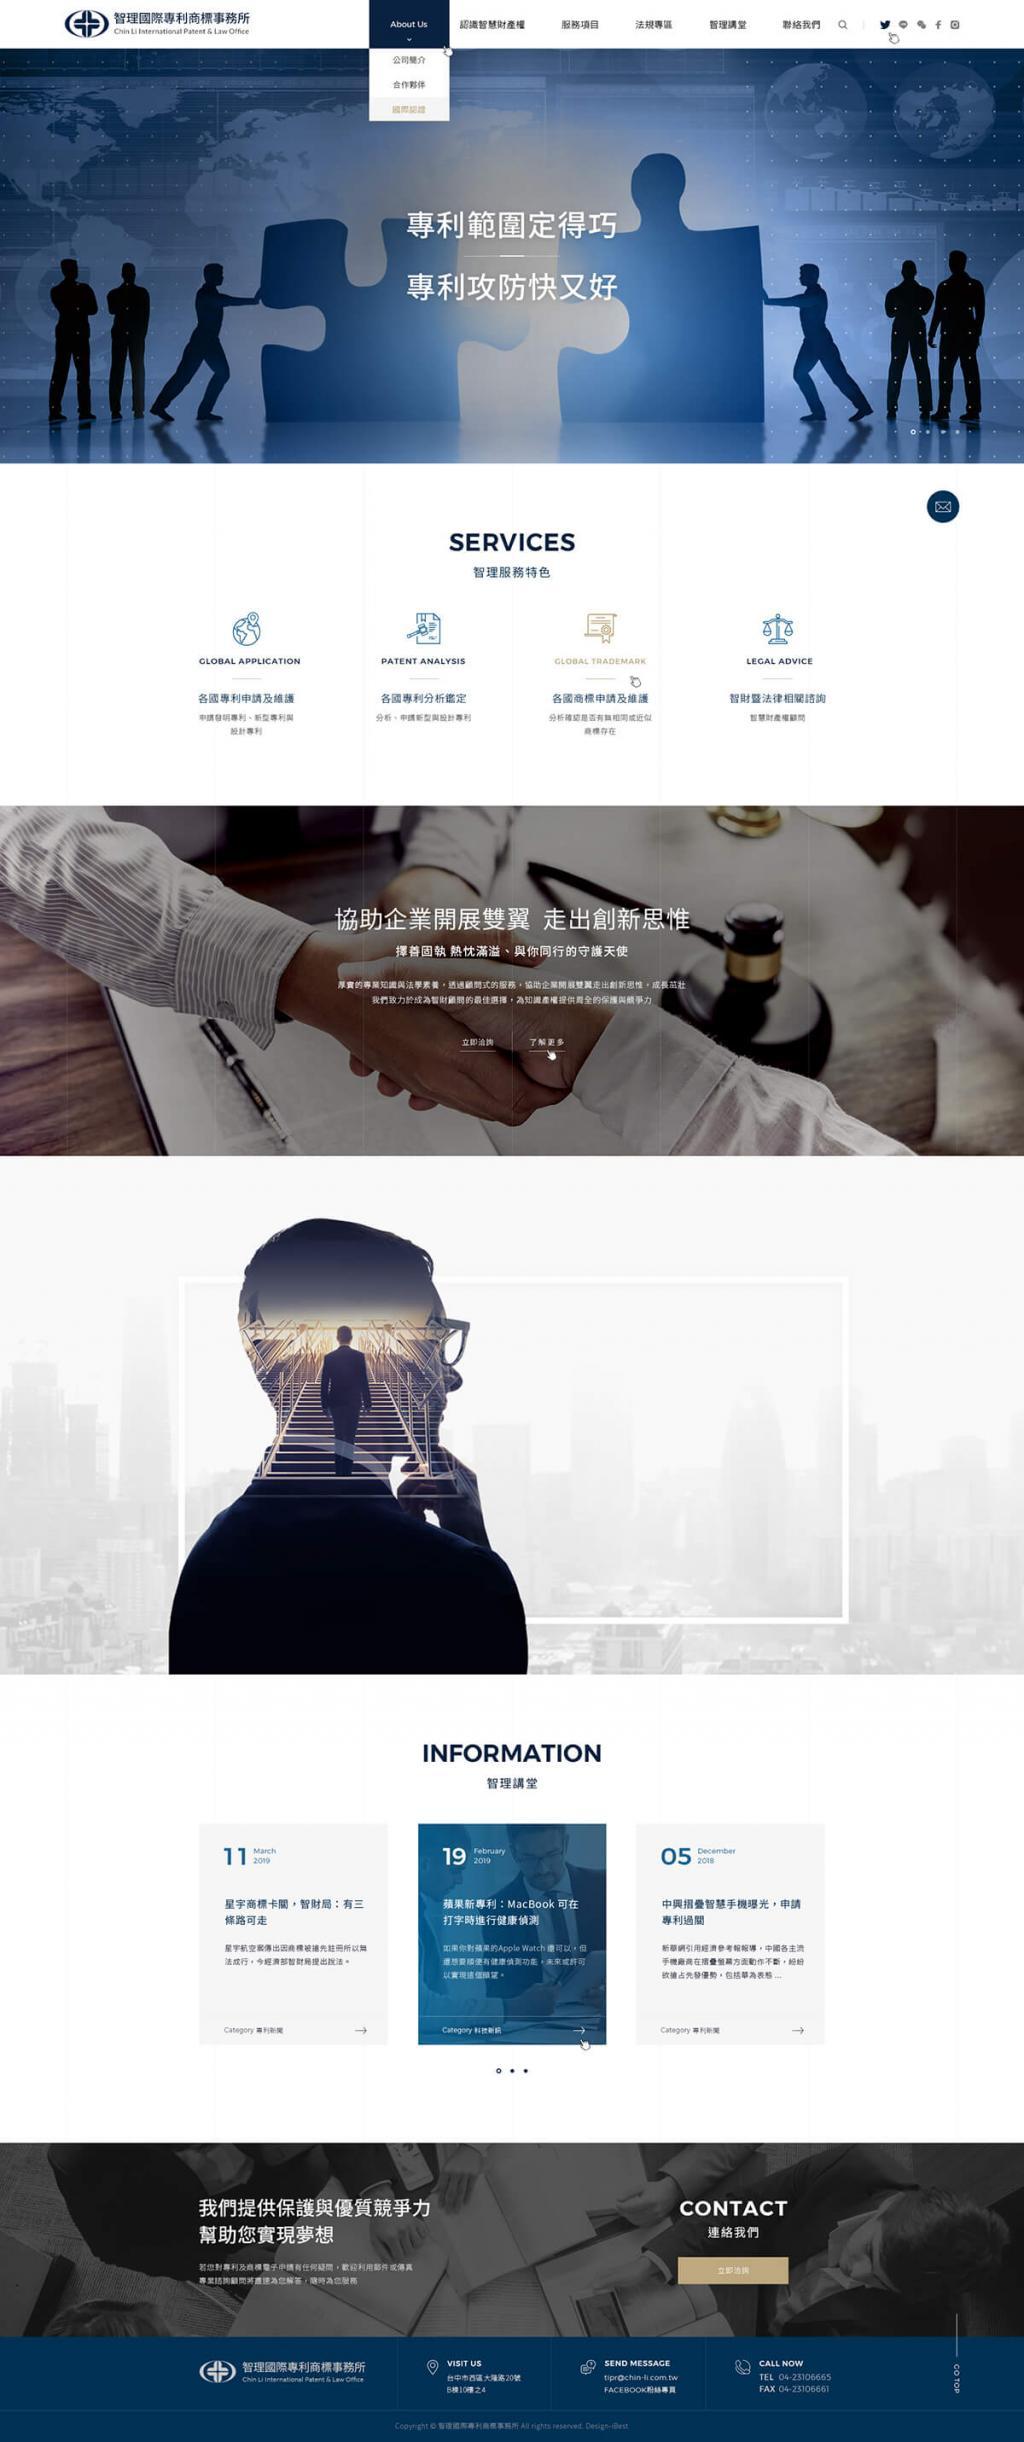 智理國際專利-網頁設計